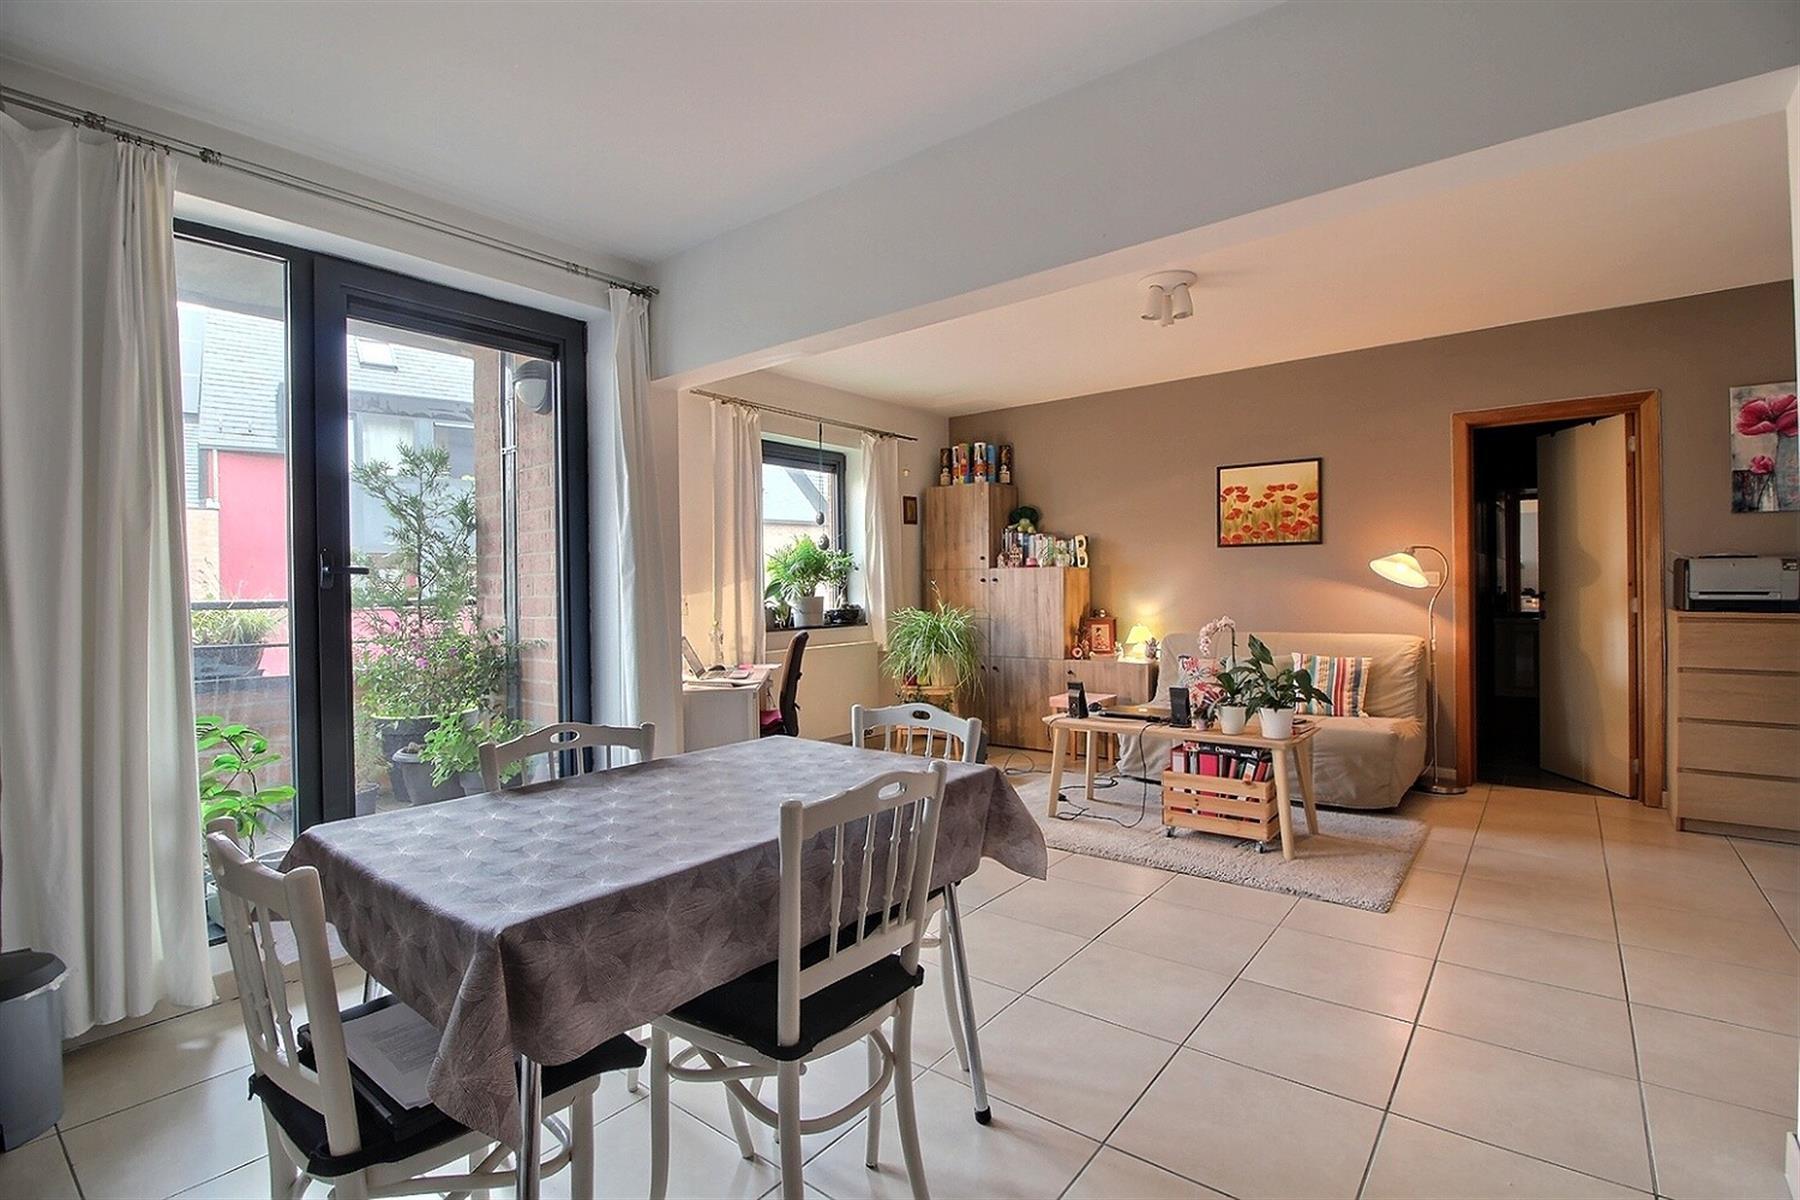 Appartement - Ottignies-Louvain-la-Neuve - #4174683-1